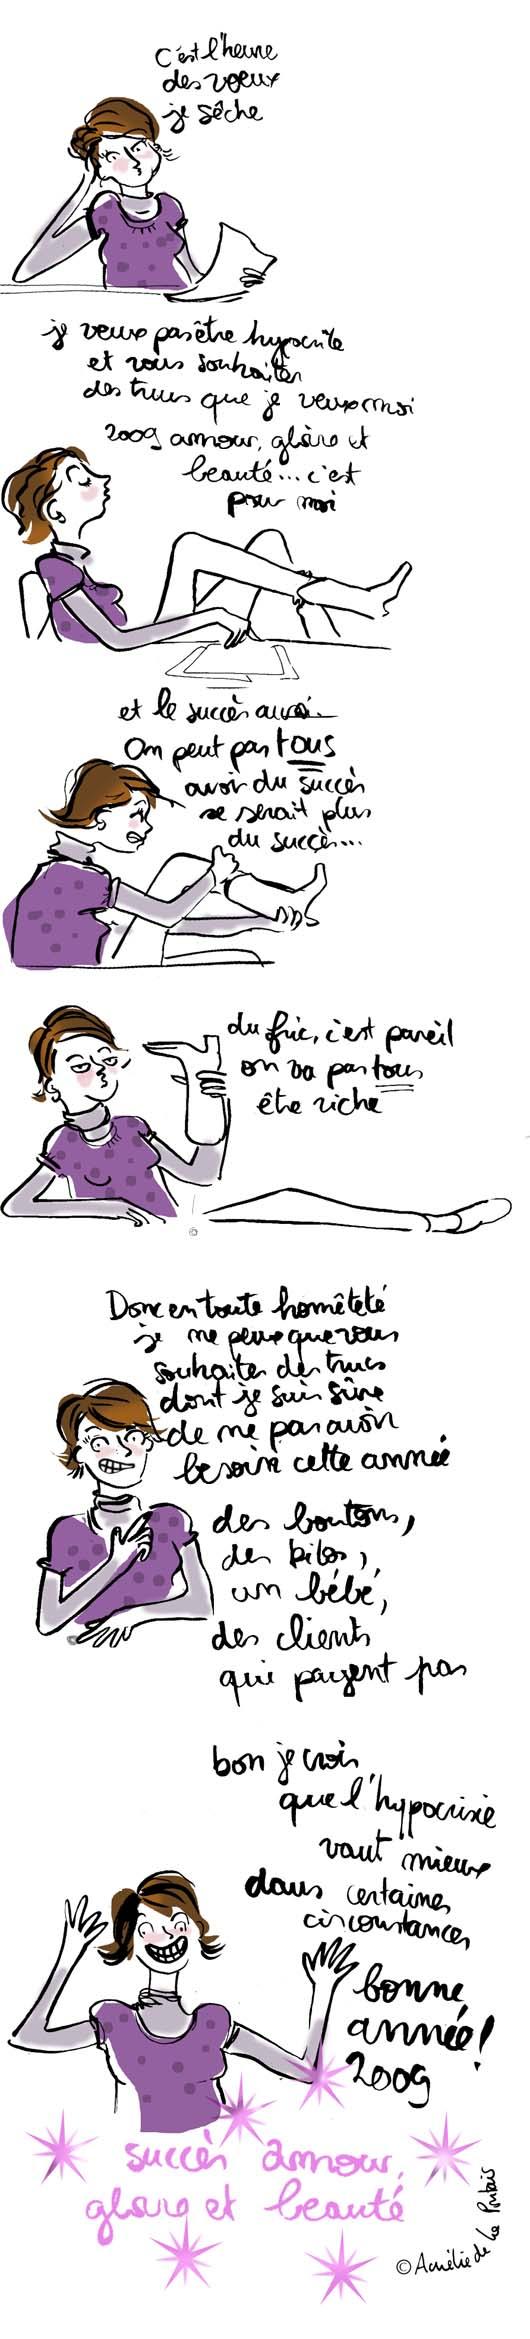 155 illustration voeux Voeux officiels (parce que cest obligé) (ou jai mis mon petit haut violet)